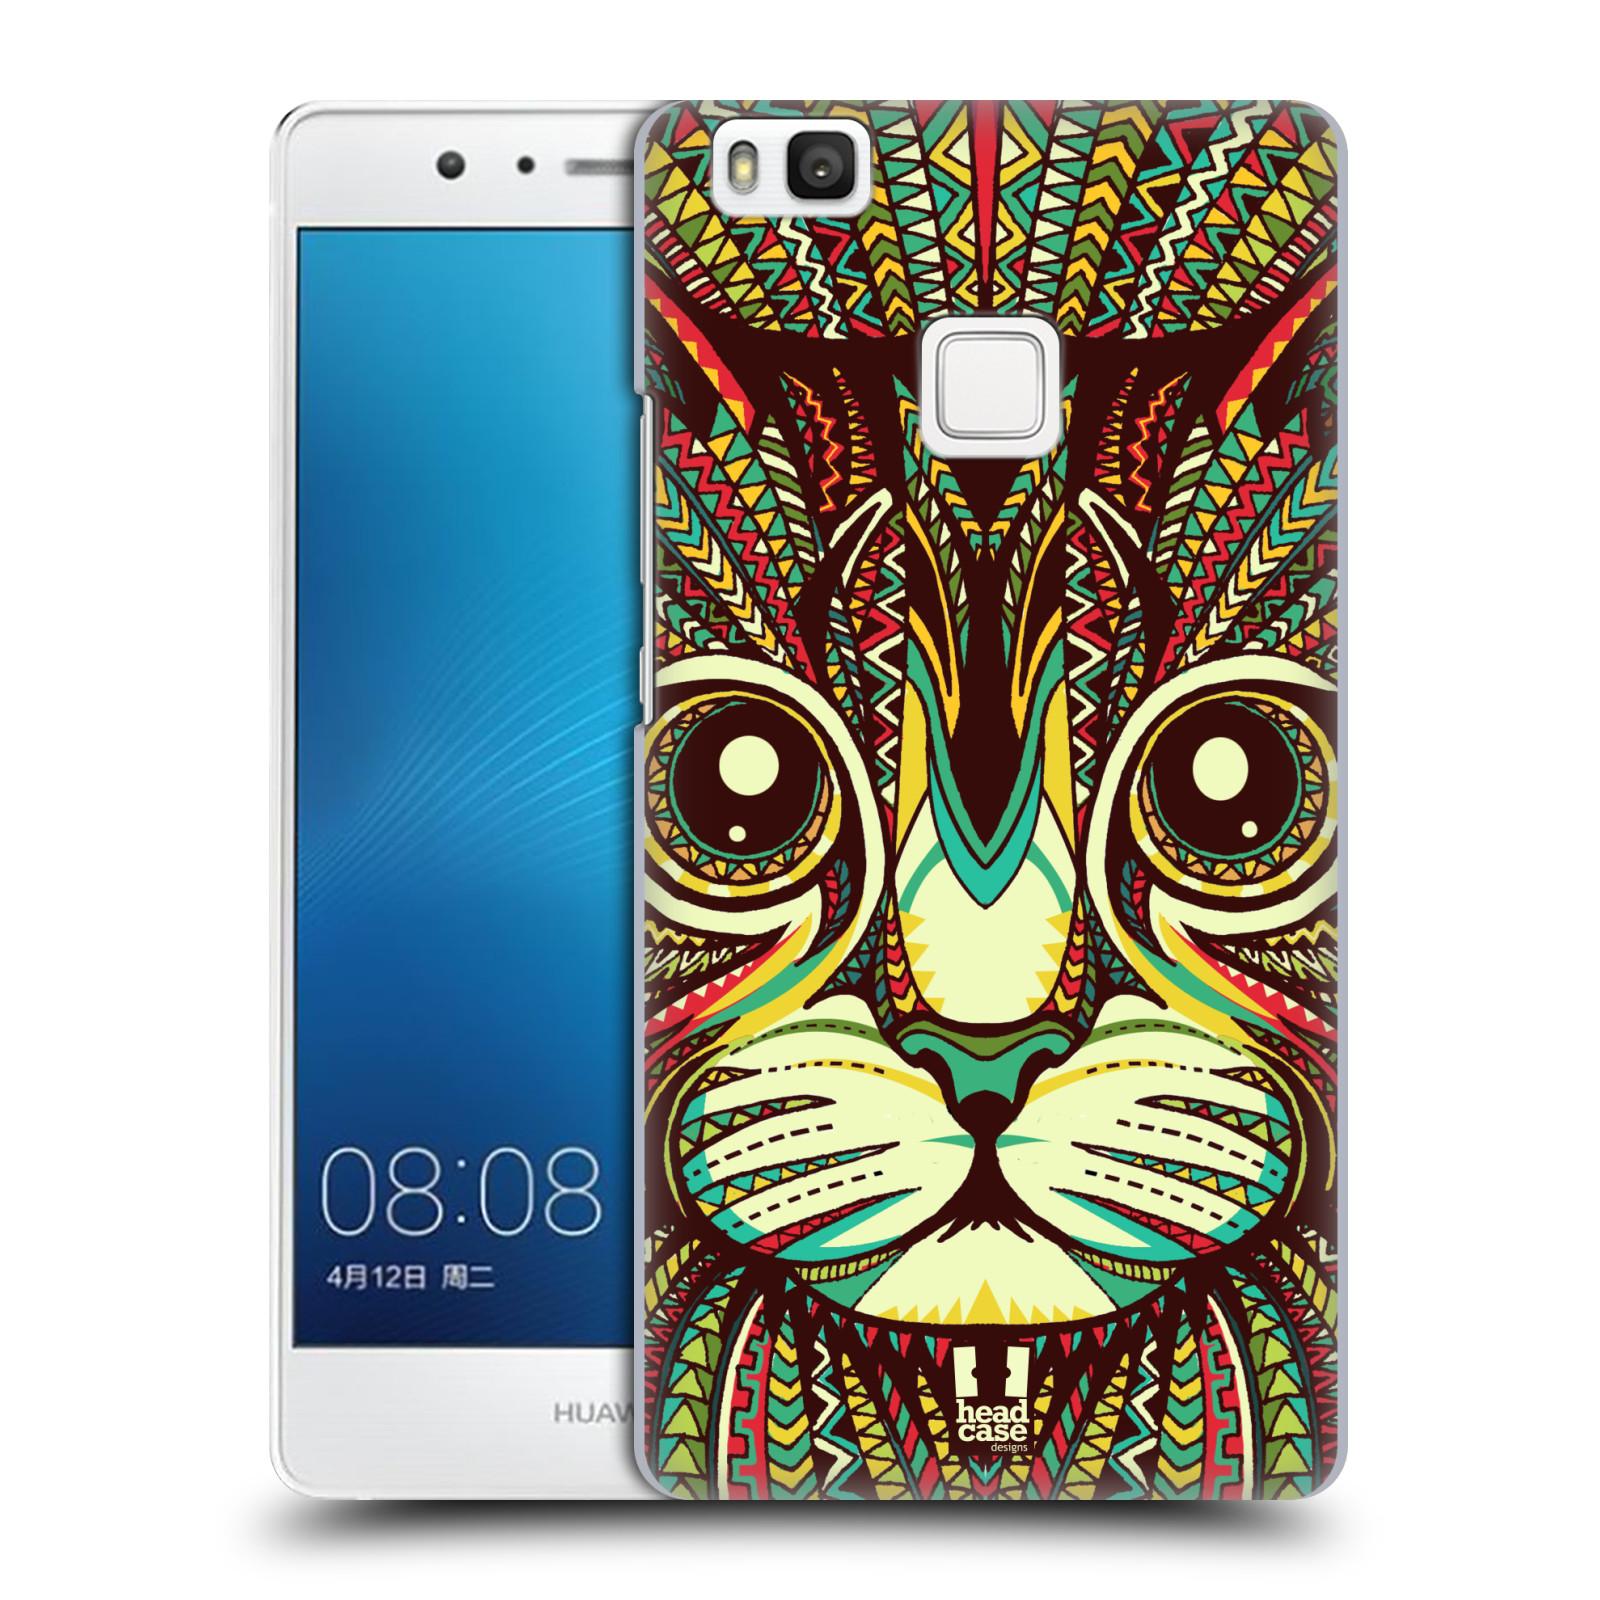 Plastové pouzdro na mobil Huawei P9 Lite HEAD CASE AZTEC KOČKA